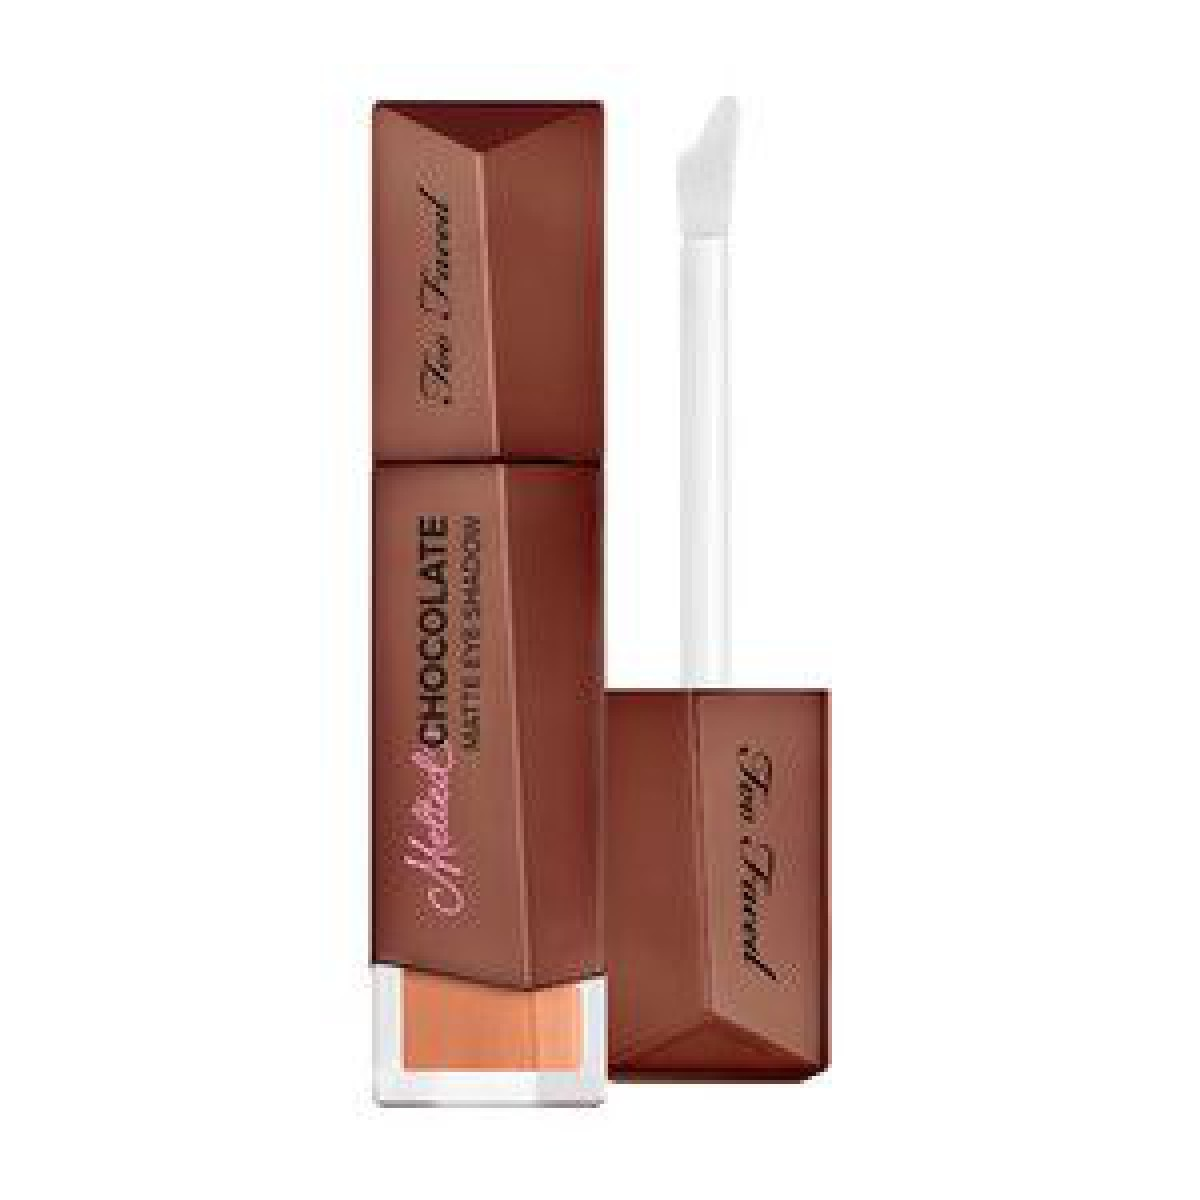 トゥー フェイスドからチョコレートの香り付きアイシャドウが登場、ブラウン系8色を展開